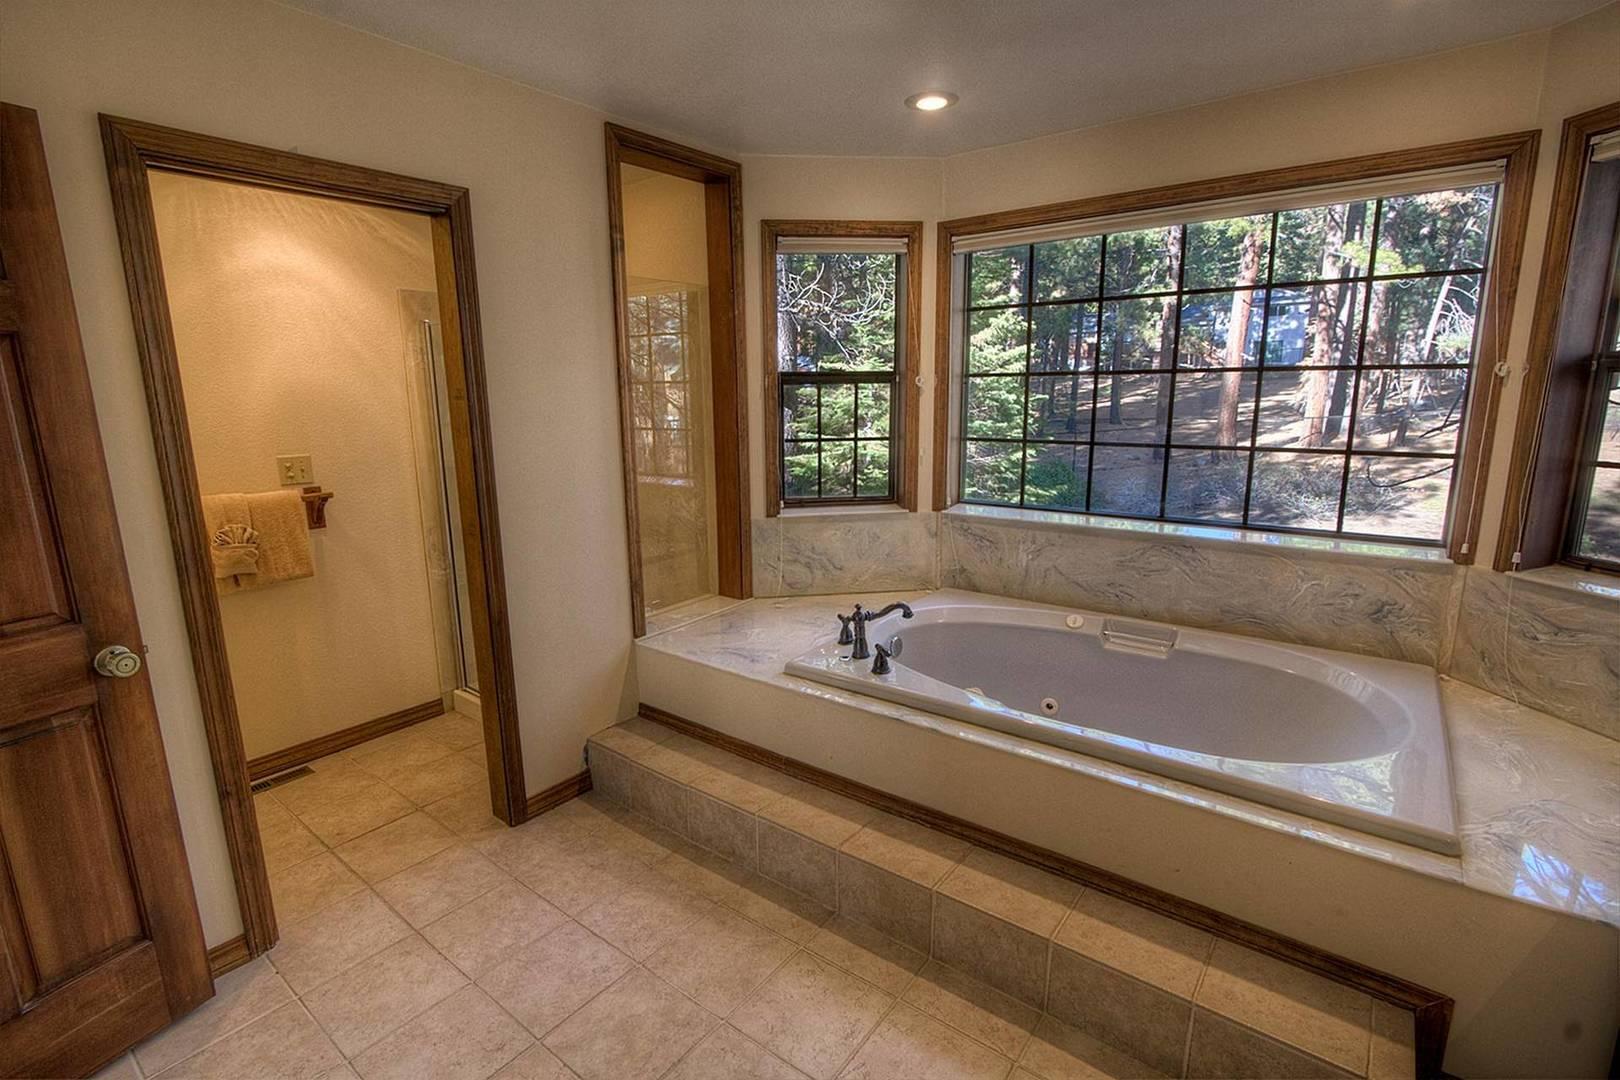 ivh1040 bath tub